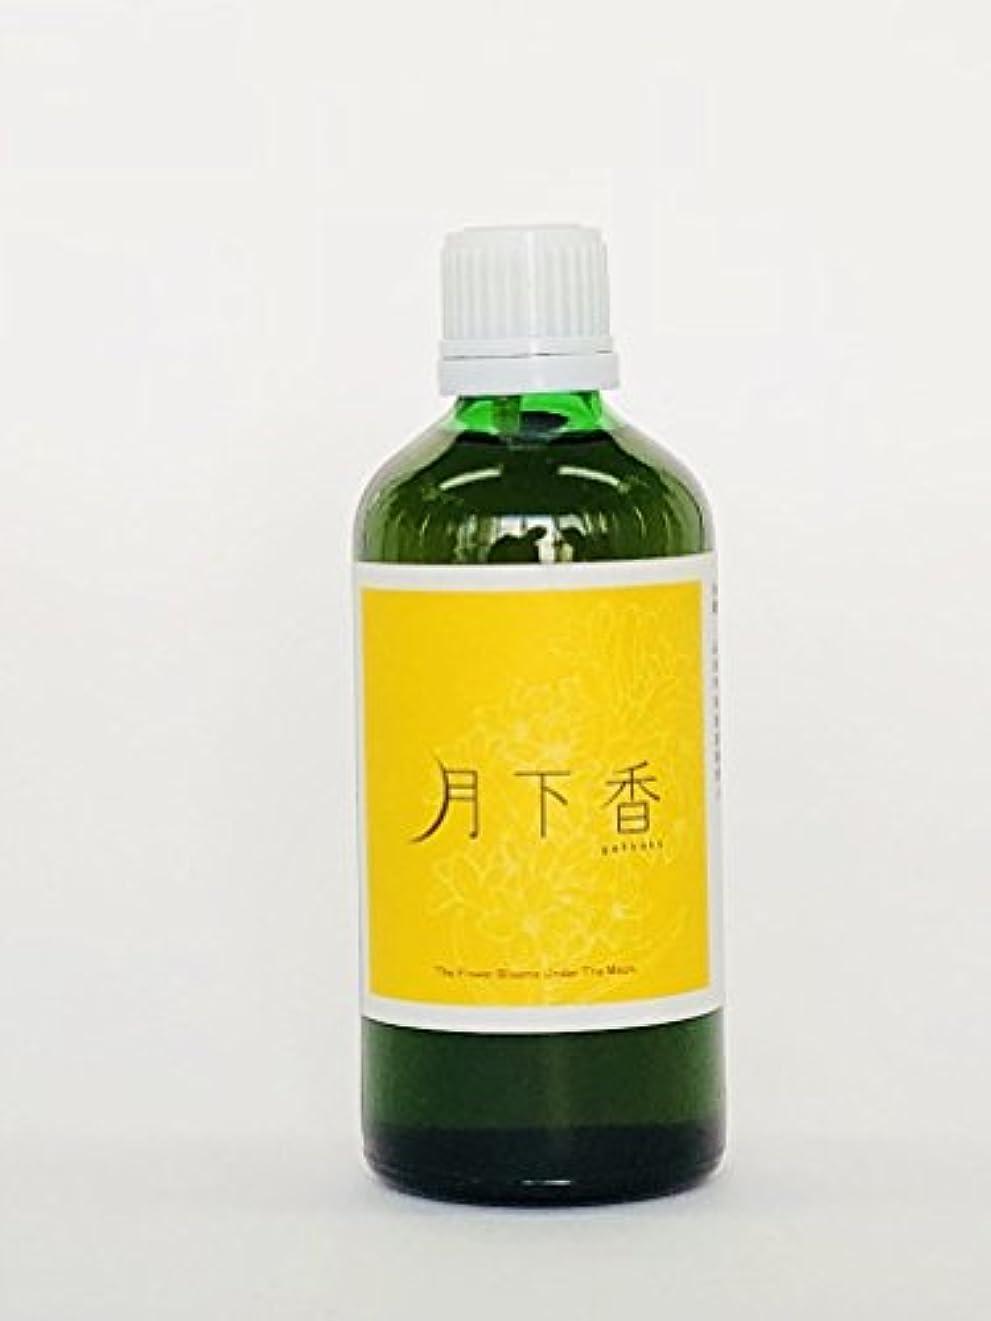 <月下香>エッセンシャルオイル/アロマ/ラベンダー(水蒸気蒸留法)【100ml】 (100ml)